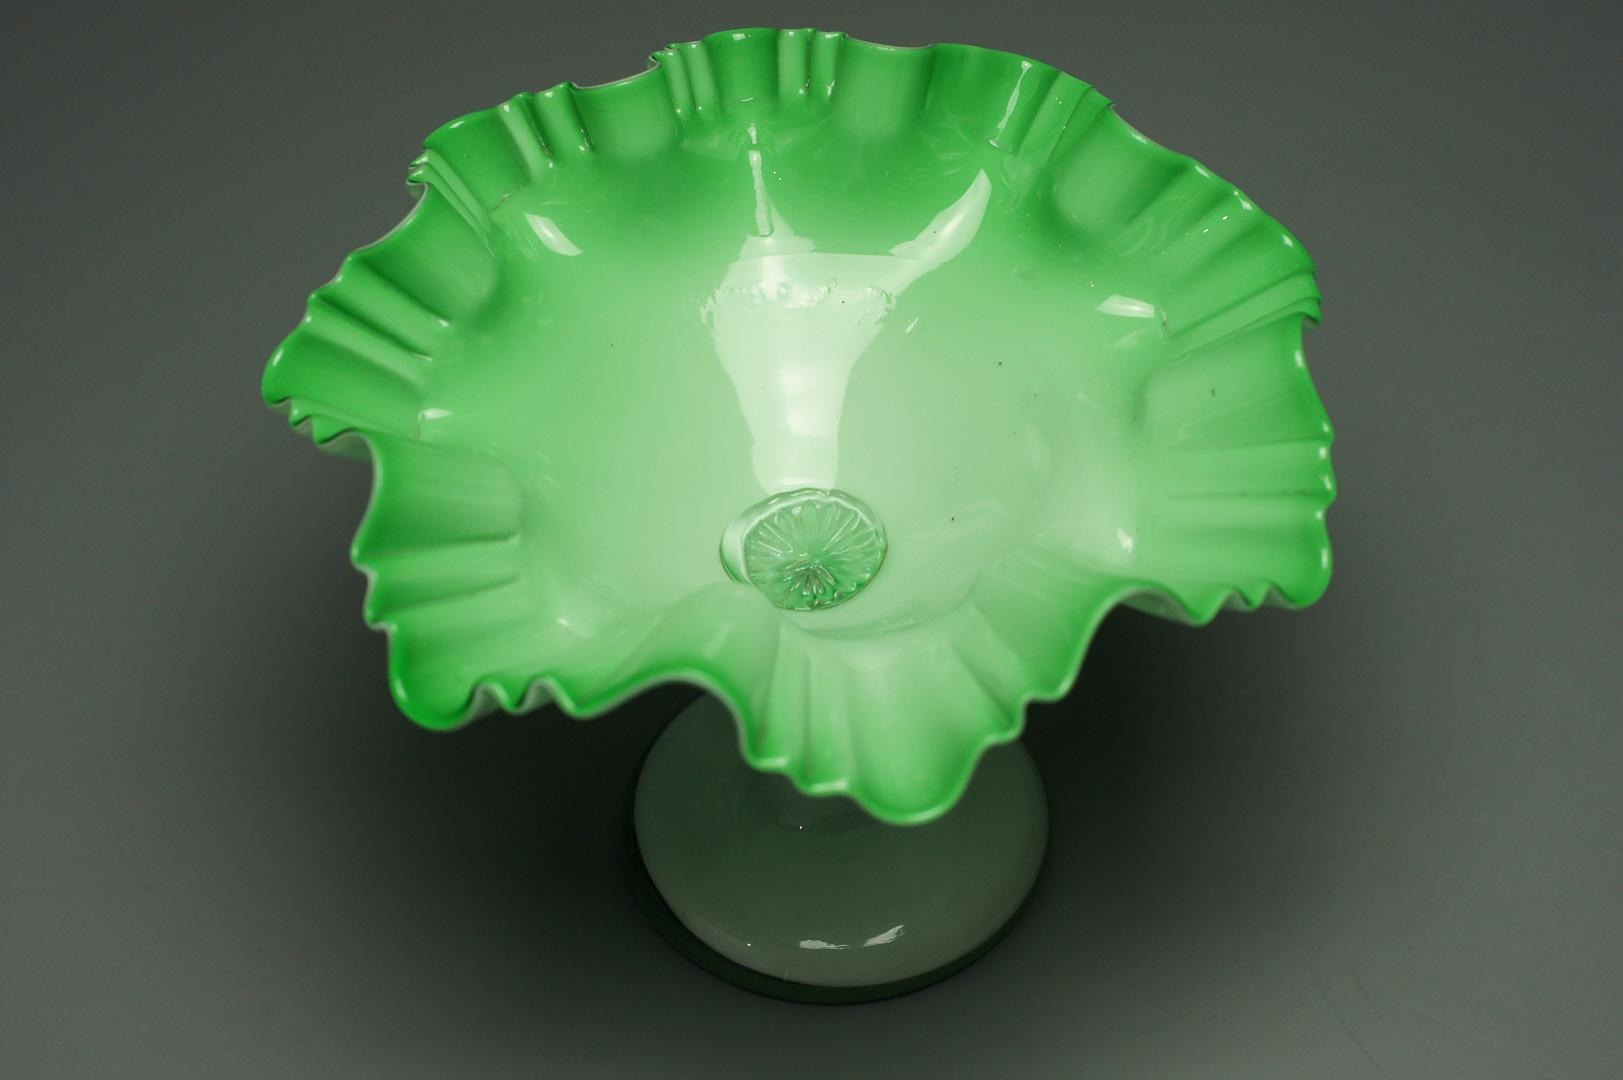 Конфетница зеленая двухслойное стекло